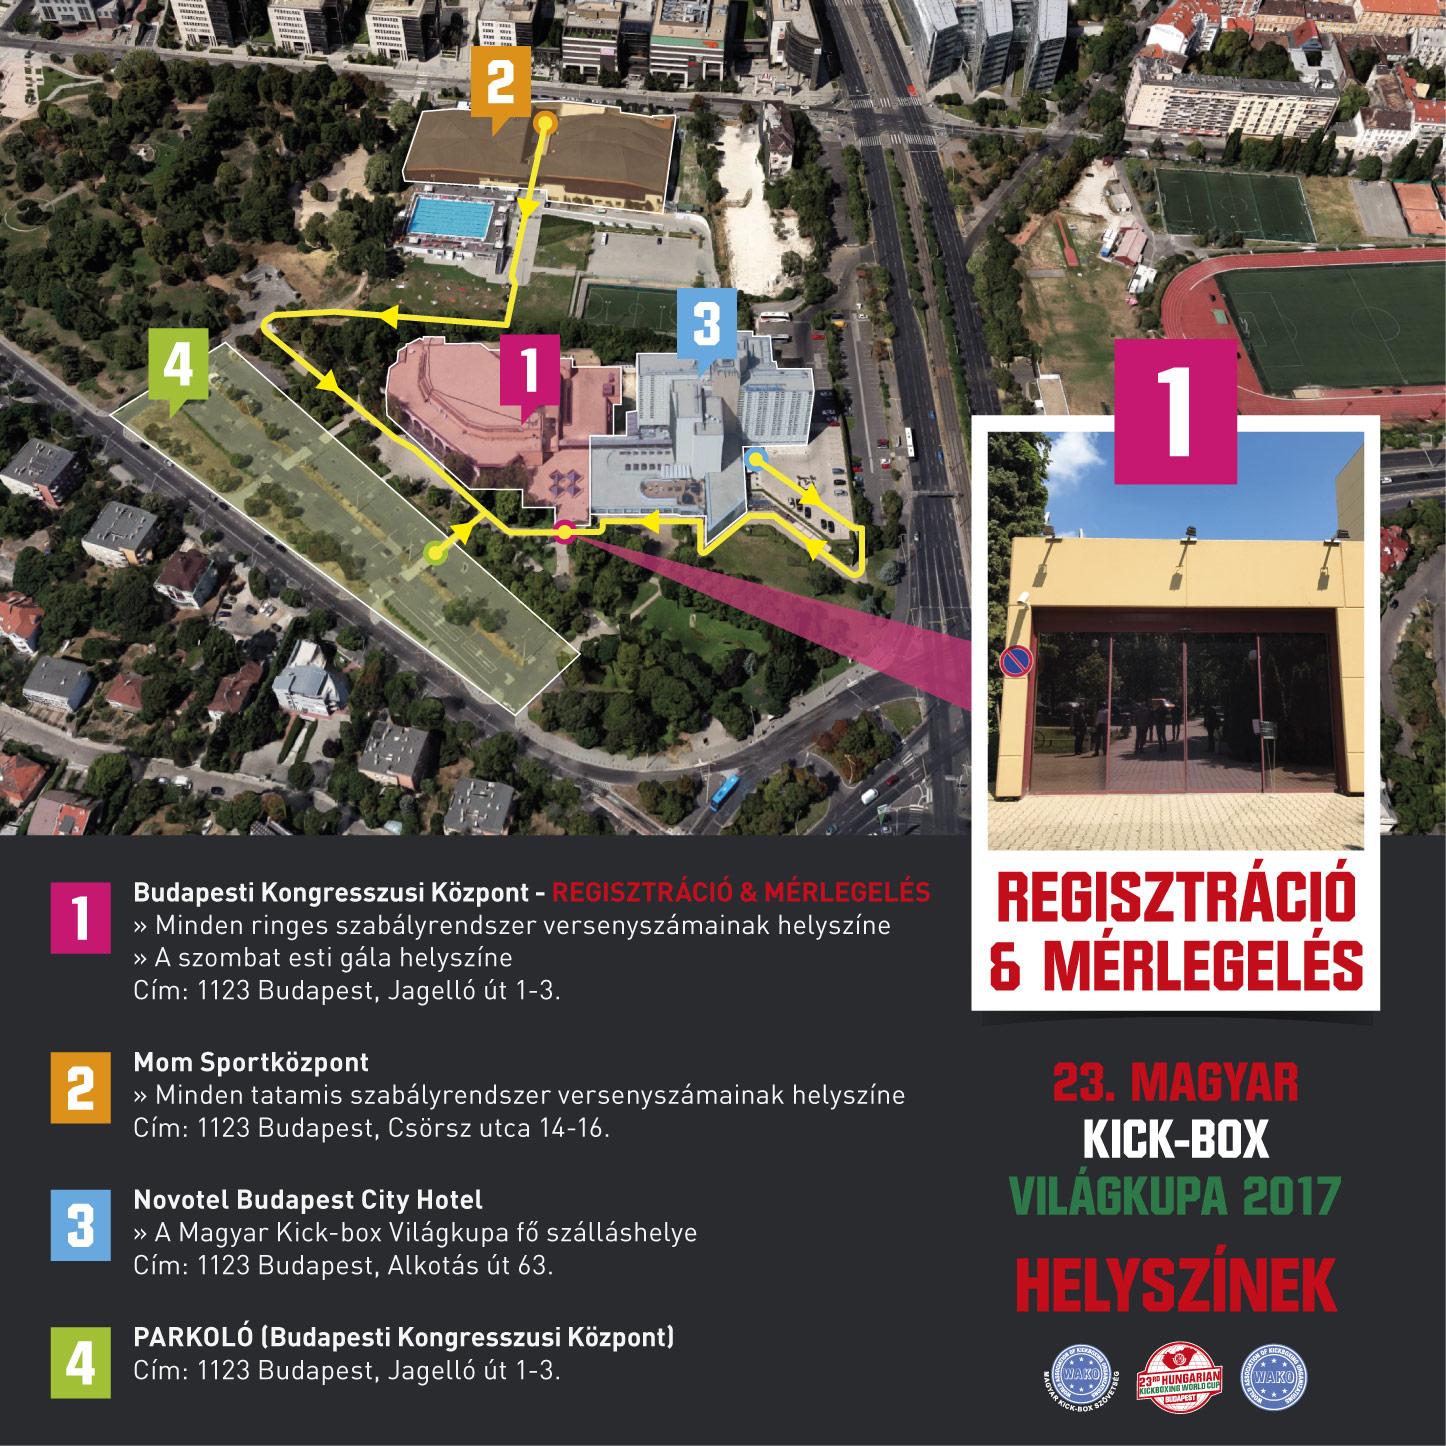 budapest kongresszusi központ térkép set online budapest kongresszusi központ térkép